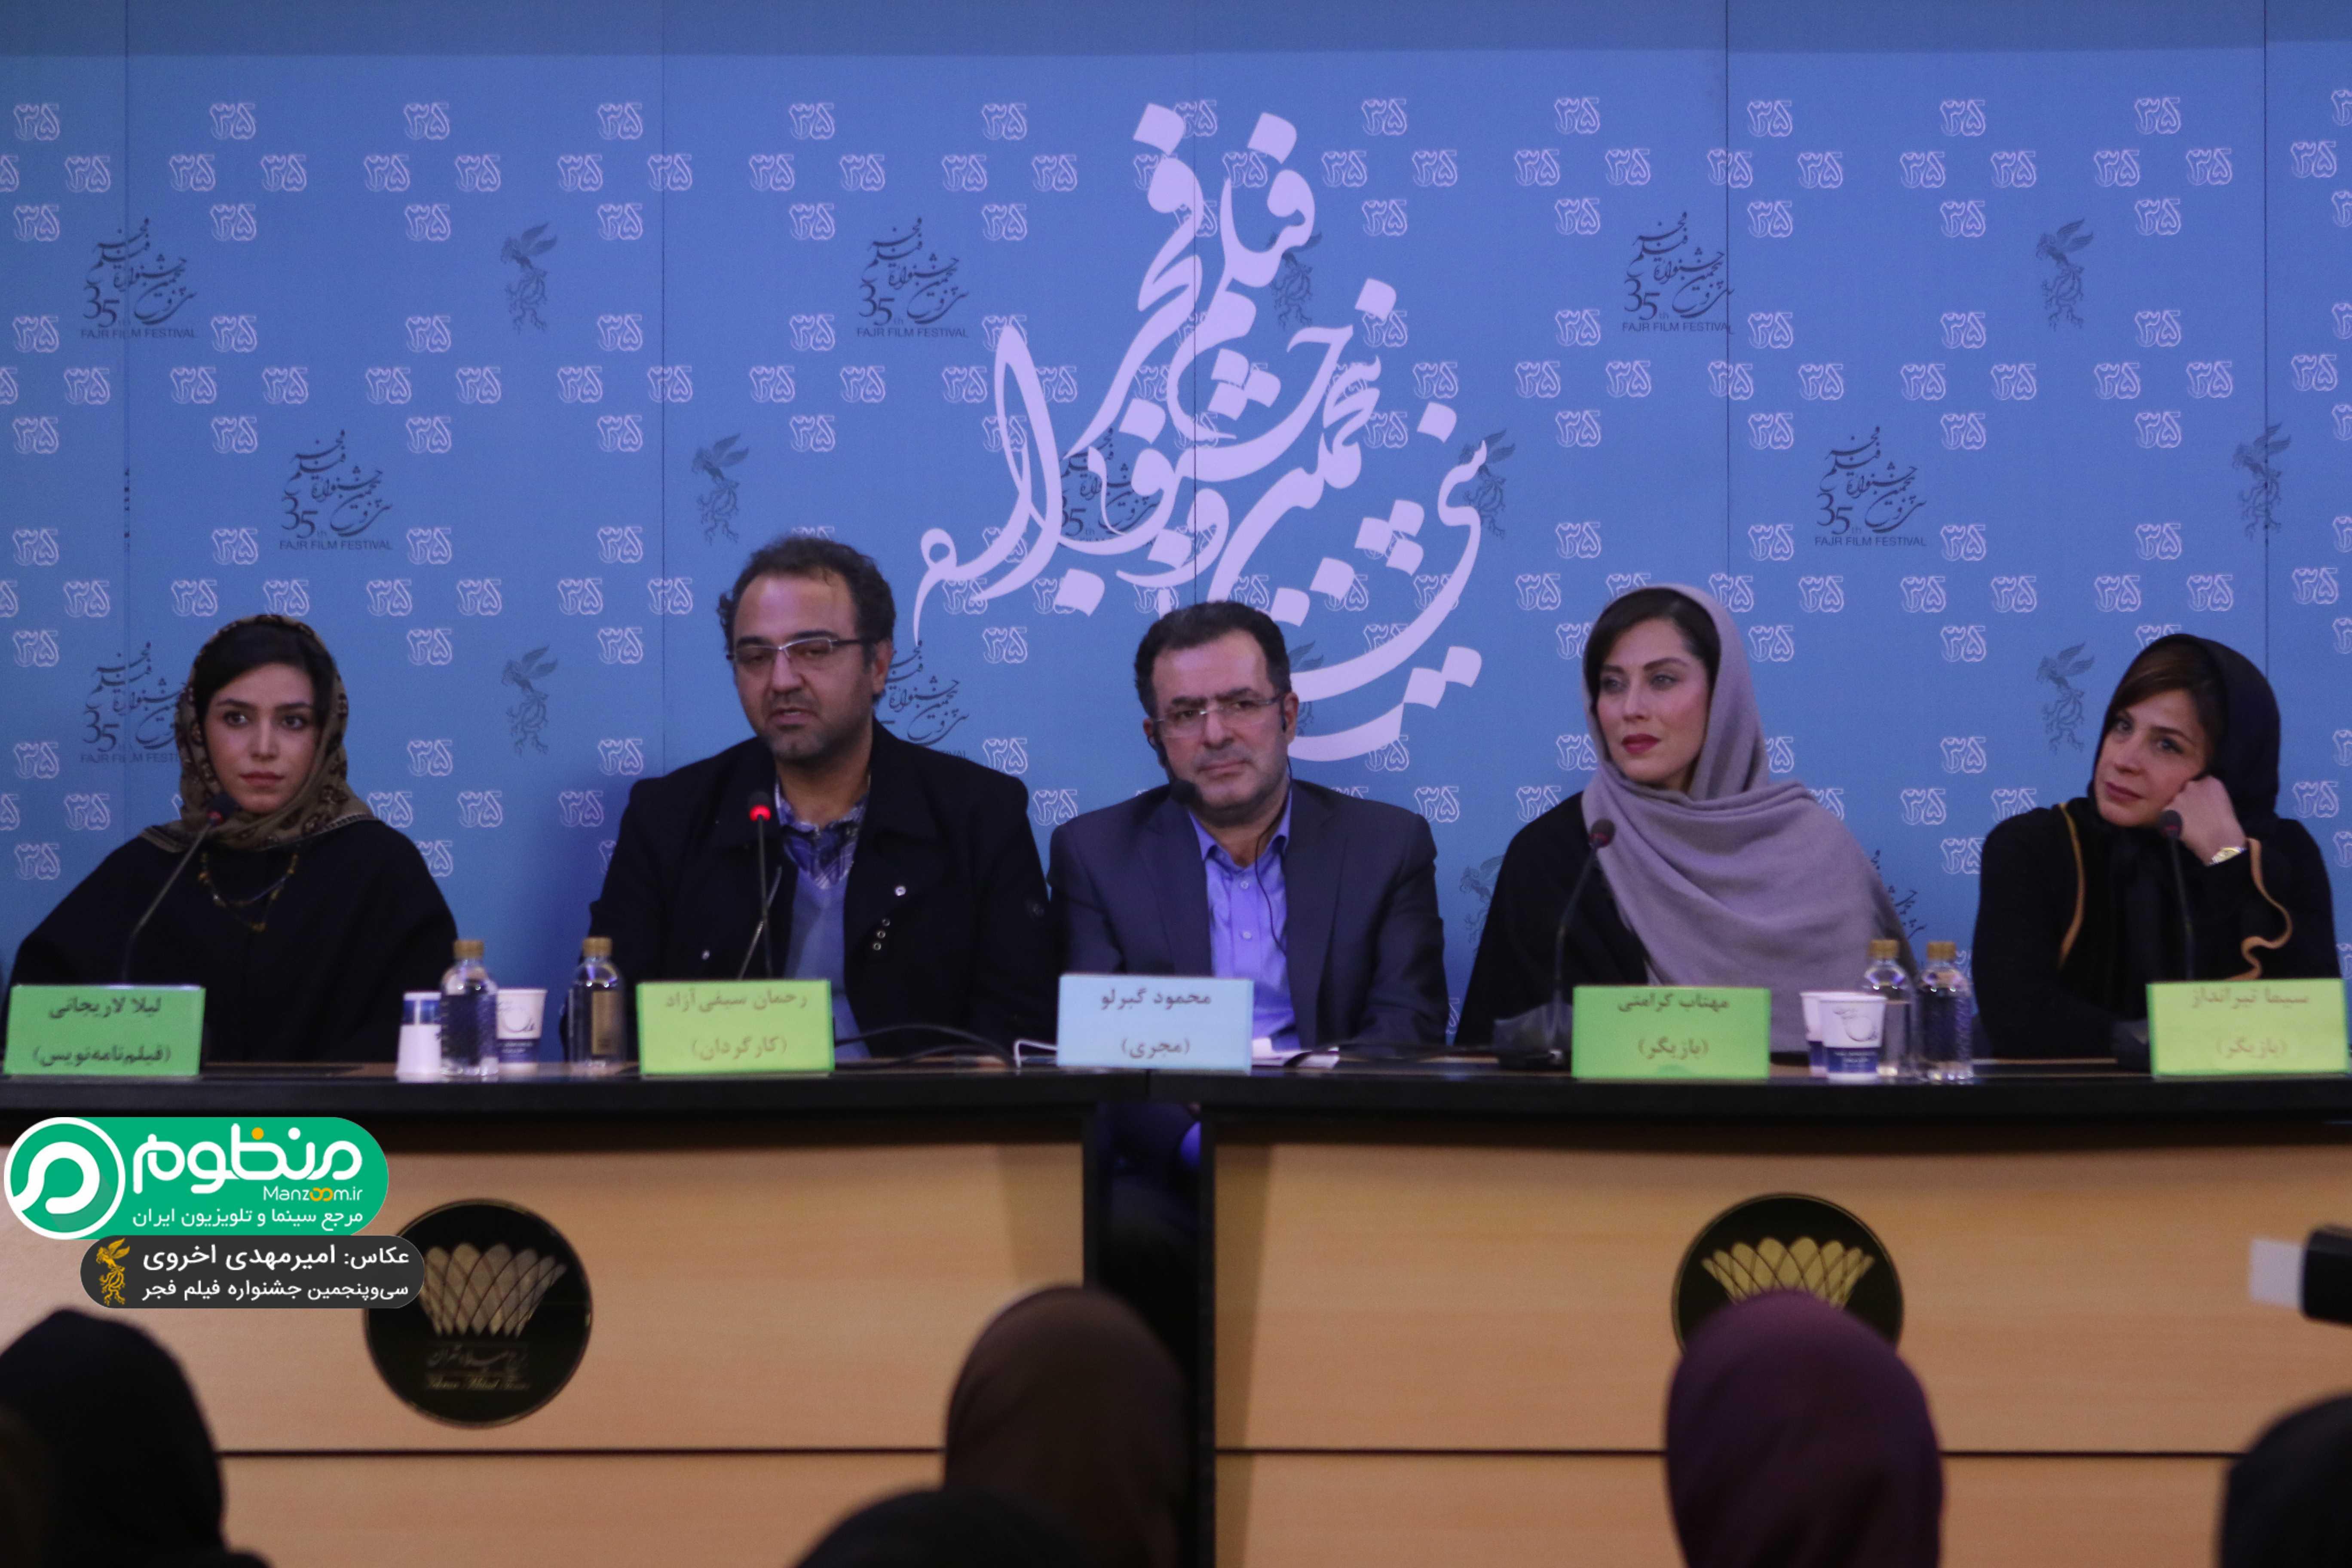 لیلا لاریجانی در نشست خبری فیلم سینمایی ماجان به همراه مهتاب کرامتی، سیما تیرانداز و رحمان سیفیآزاد